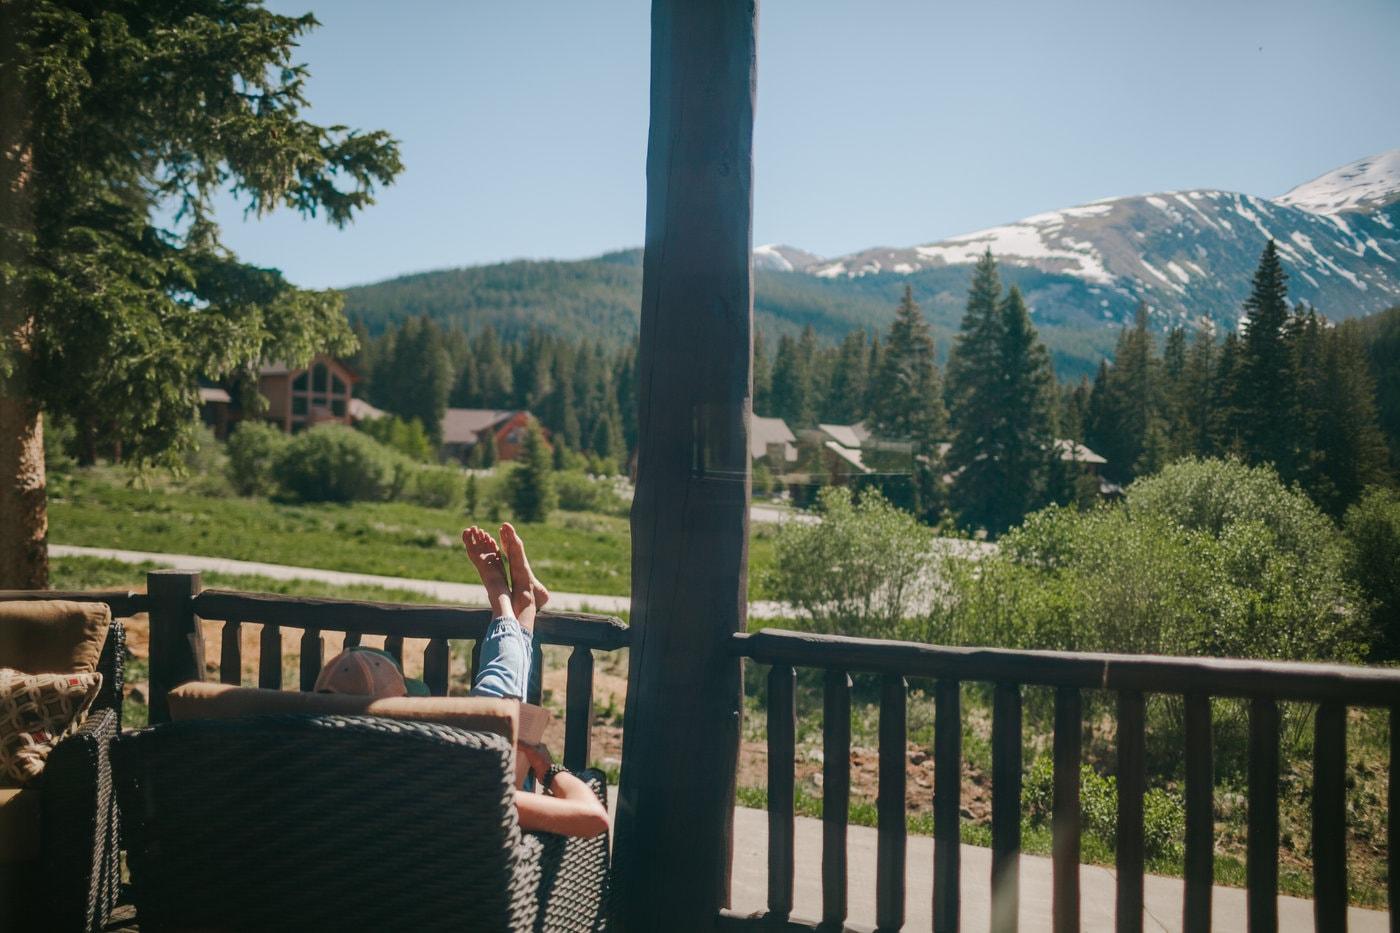 Book Camp Breck-bcb-0055-min.jpg